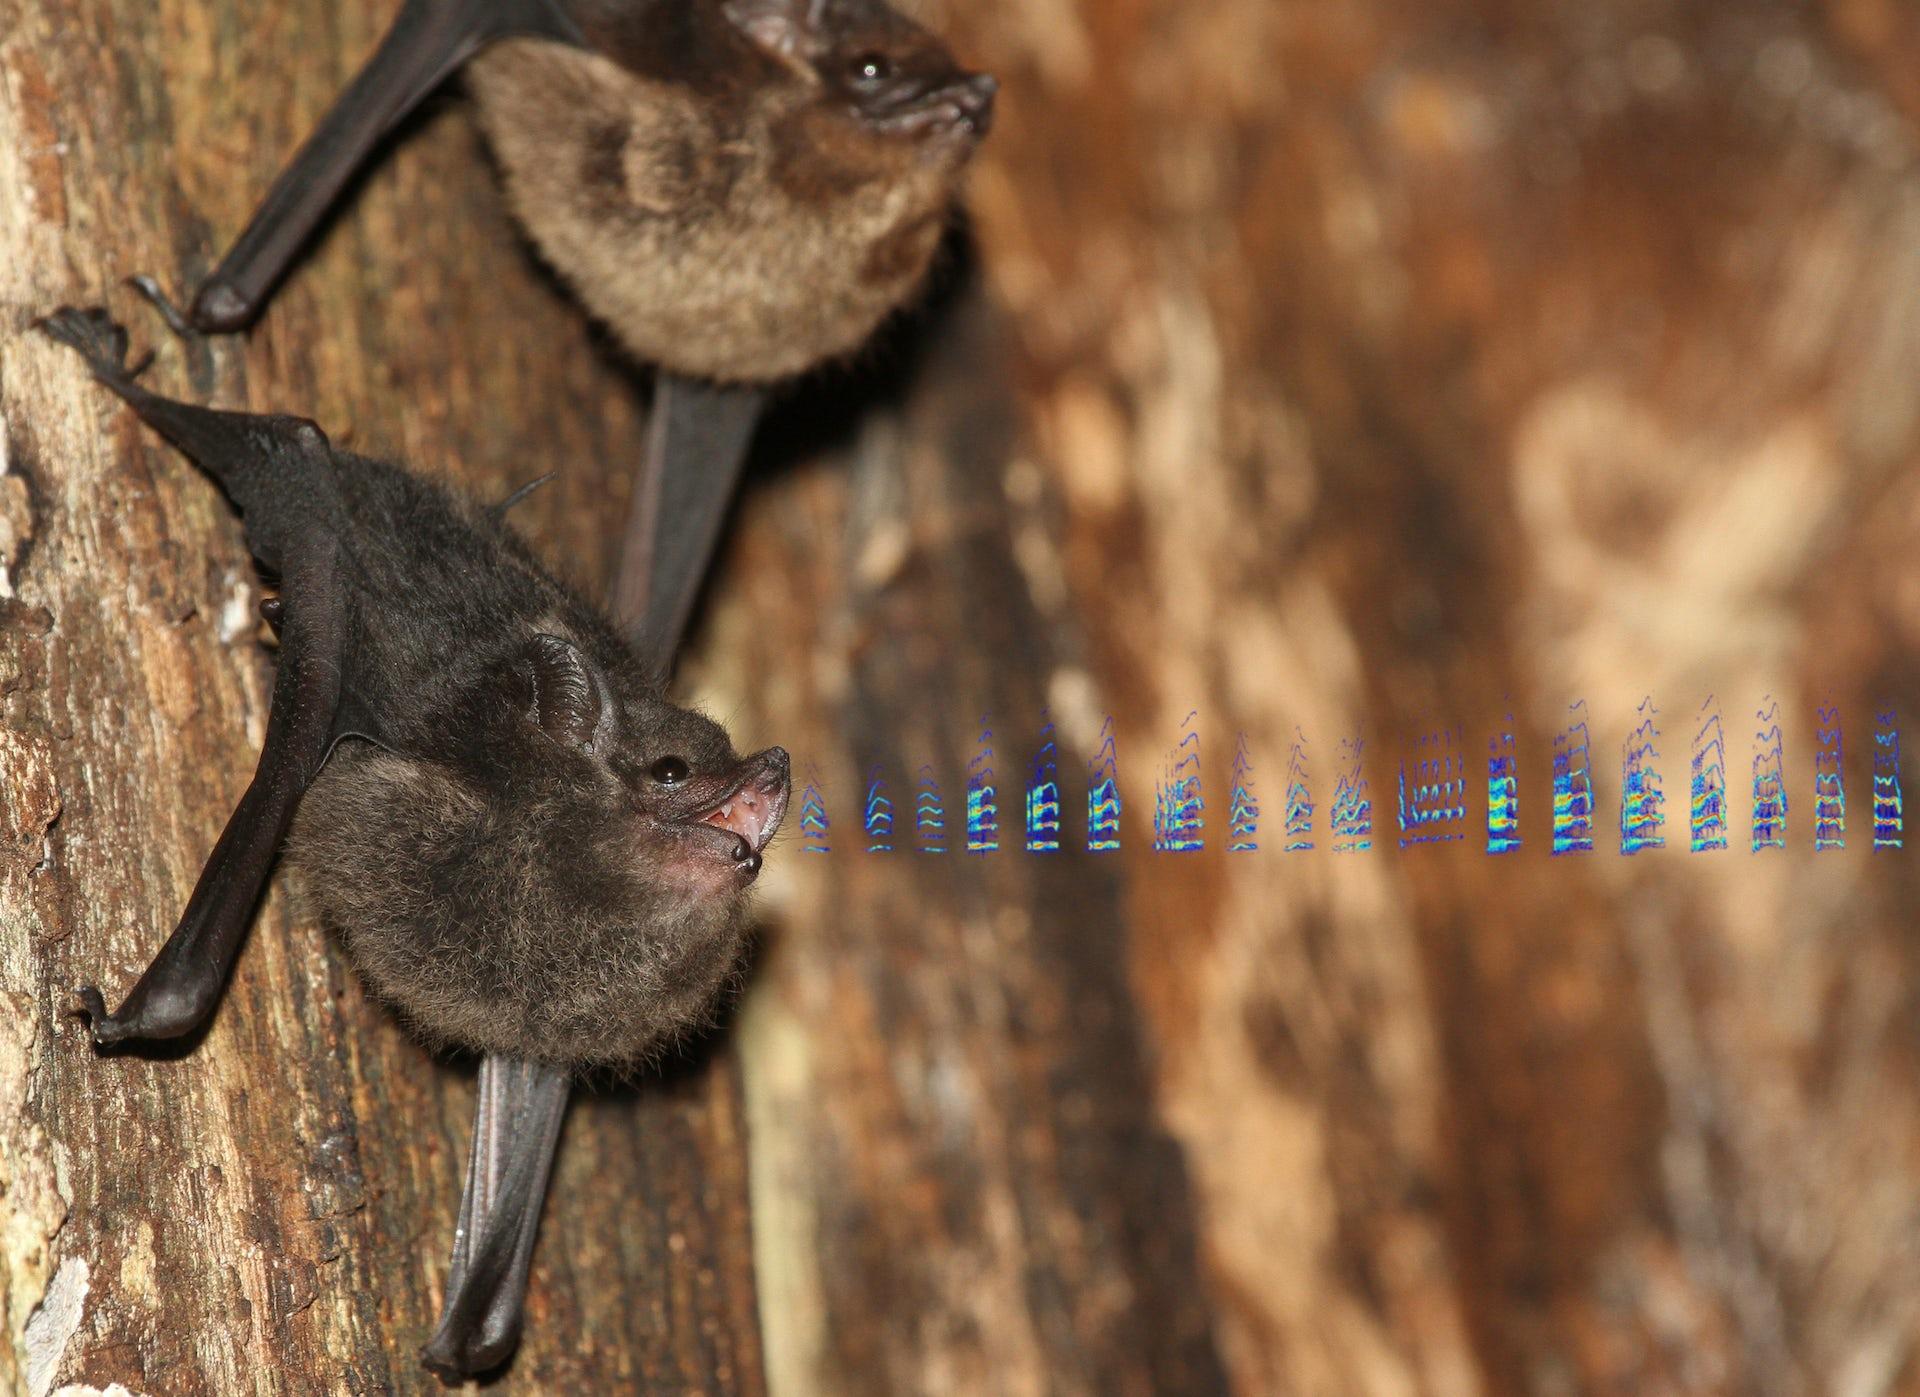 Bat pups babble and bat moms use baby talk, hinting at the evolution of human language